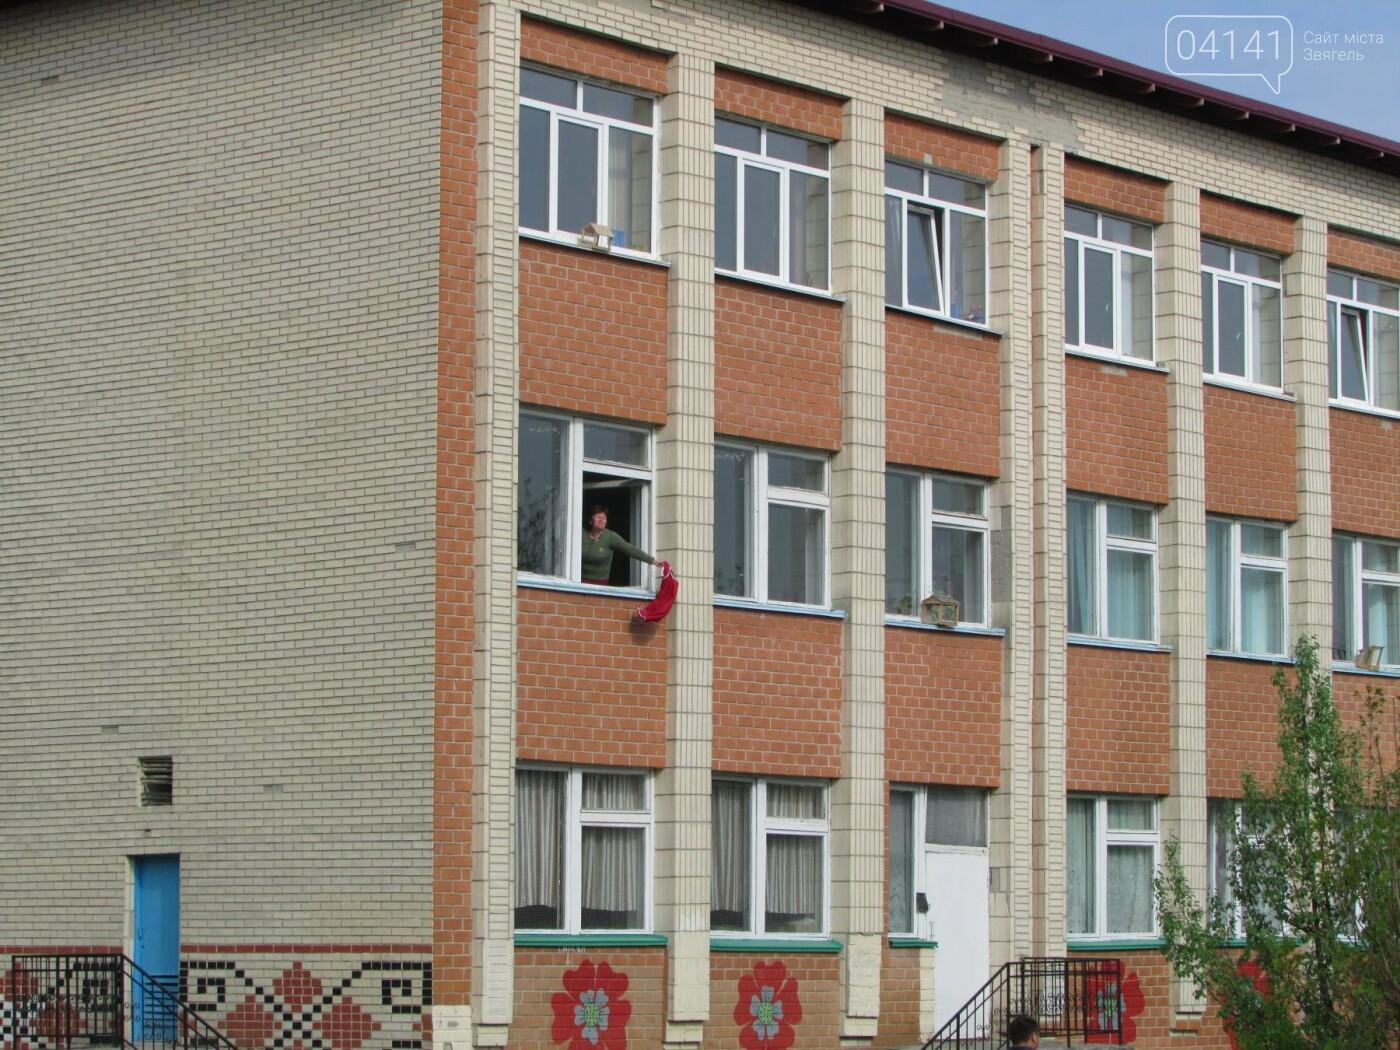 У Новограді-Волинському рятувальники провели для школярів громадську акцію «Запобігти. Врятувати. Допомогти.» (ФОТО), фото-8